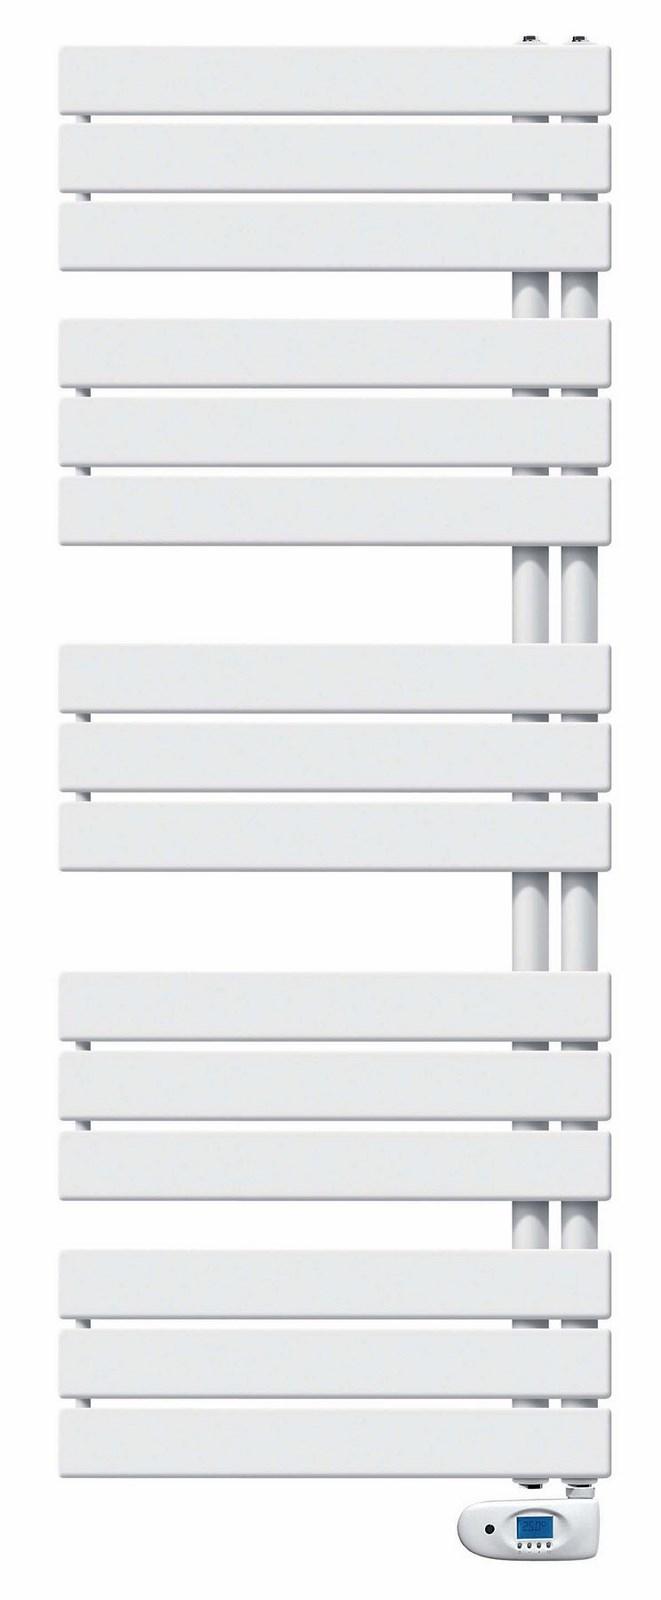 Chauffage climatique radiateur s che serviettes vario lectrique puissance - Puissance radiateur seche serviette ...